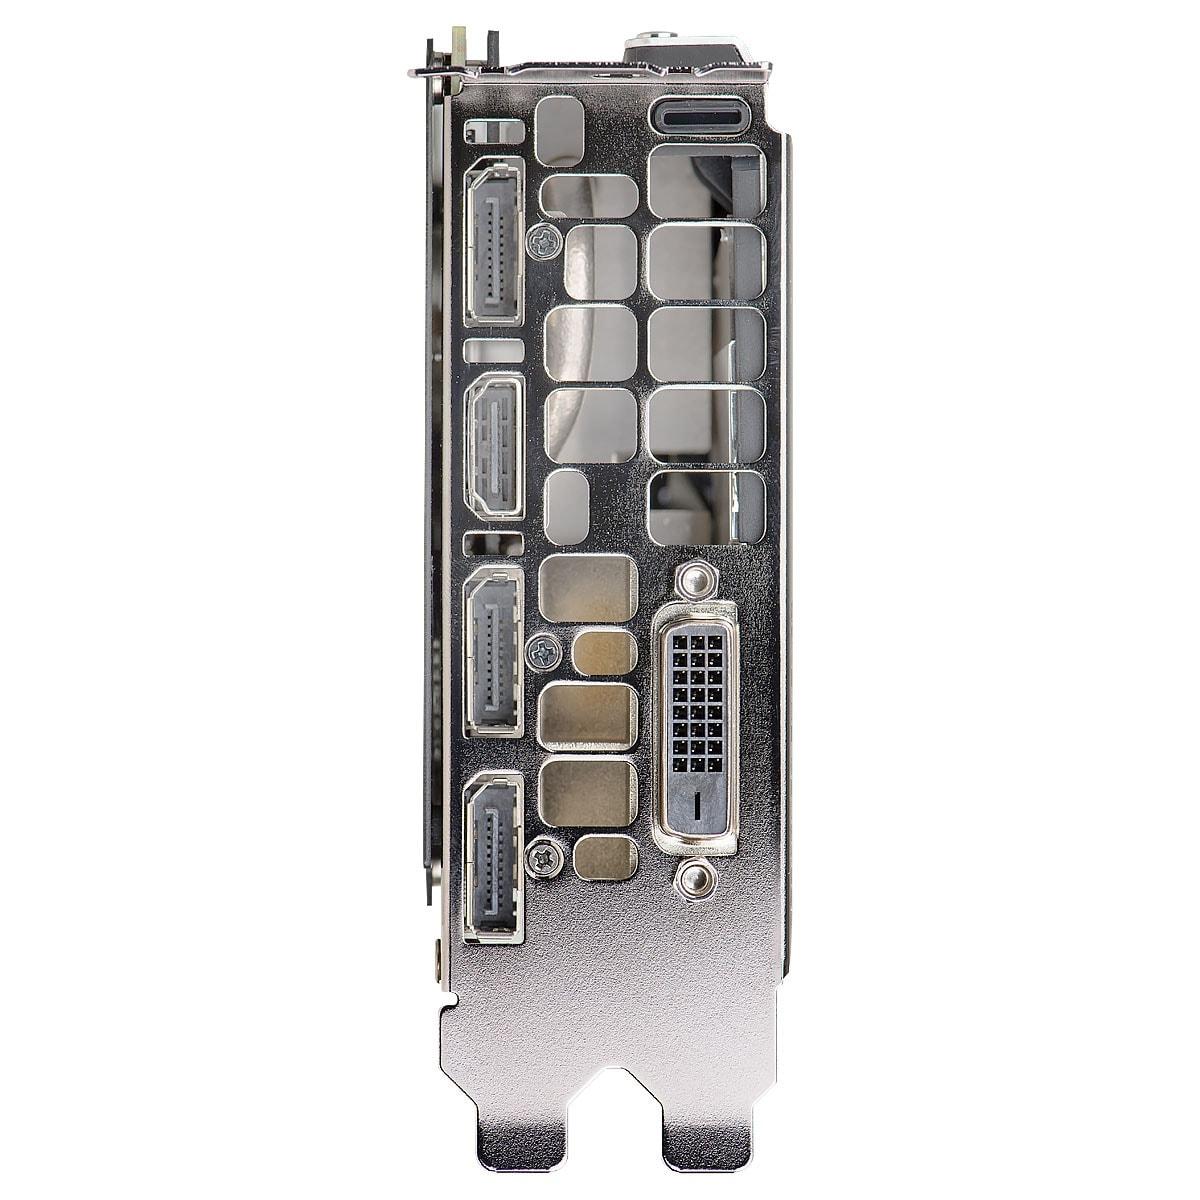 EVGA GeForce GTX 1070 SC GAMING ACX 3.0 (08G-P4-6173-KR) - Achat / Vente Carte graphique sur Cybertek.fr - 2